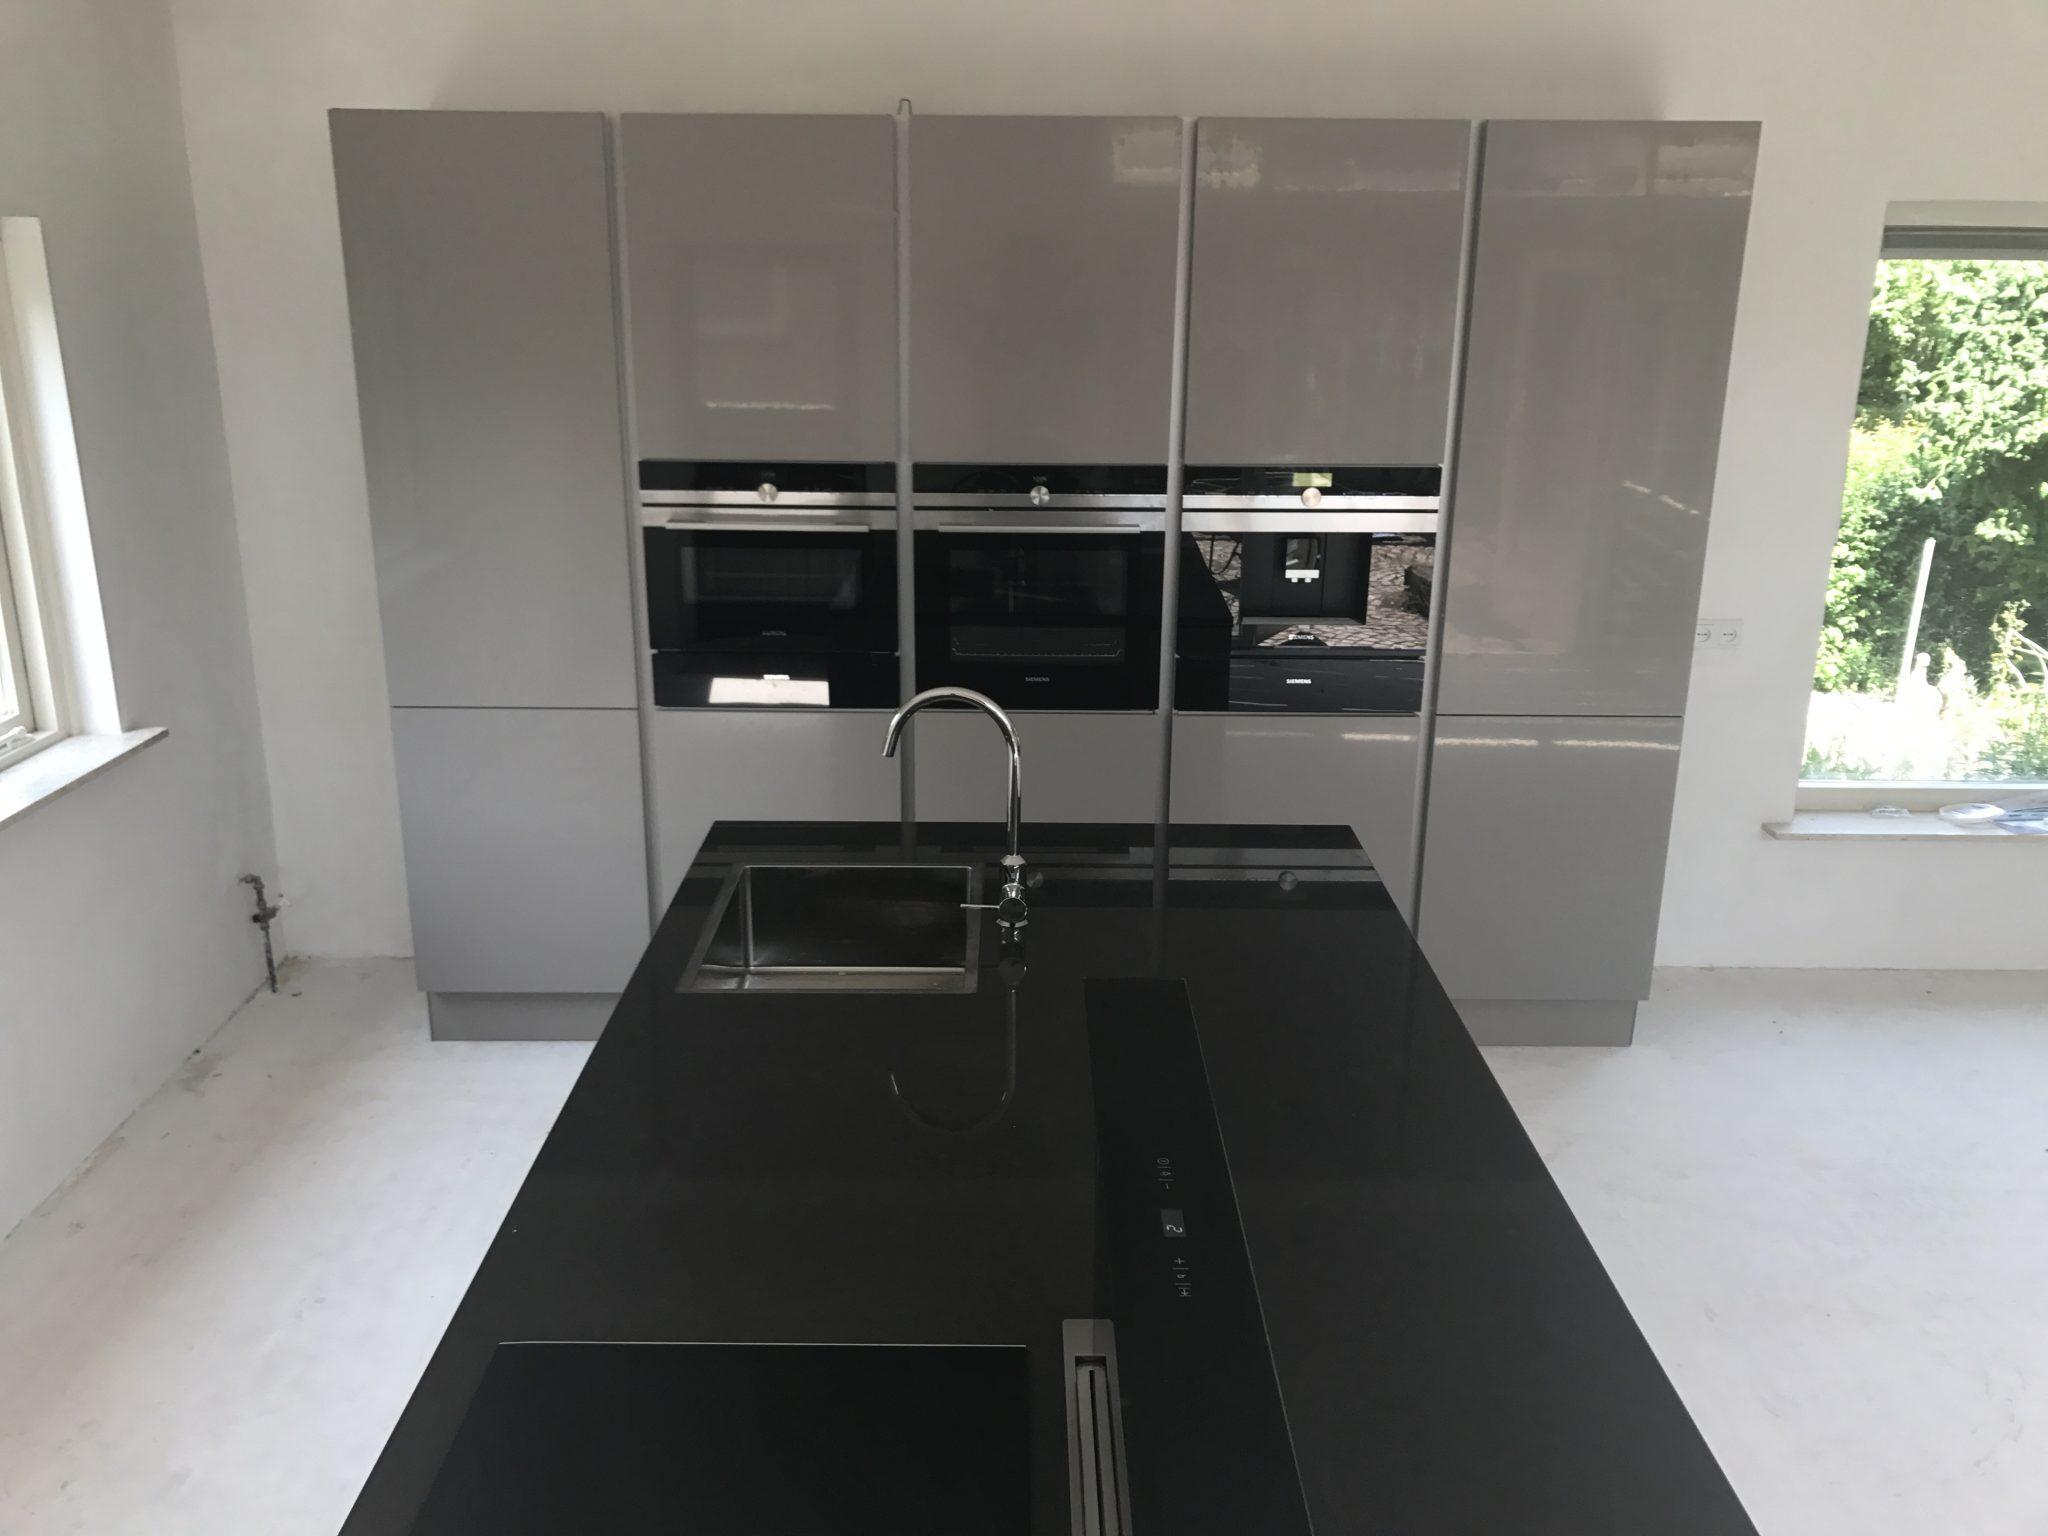 Nolte Keukens Almere : Nolte keuken marco rietdijk keukenmontage